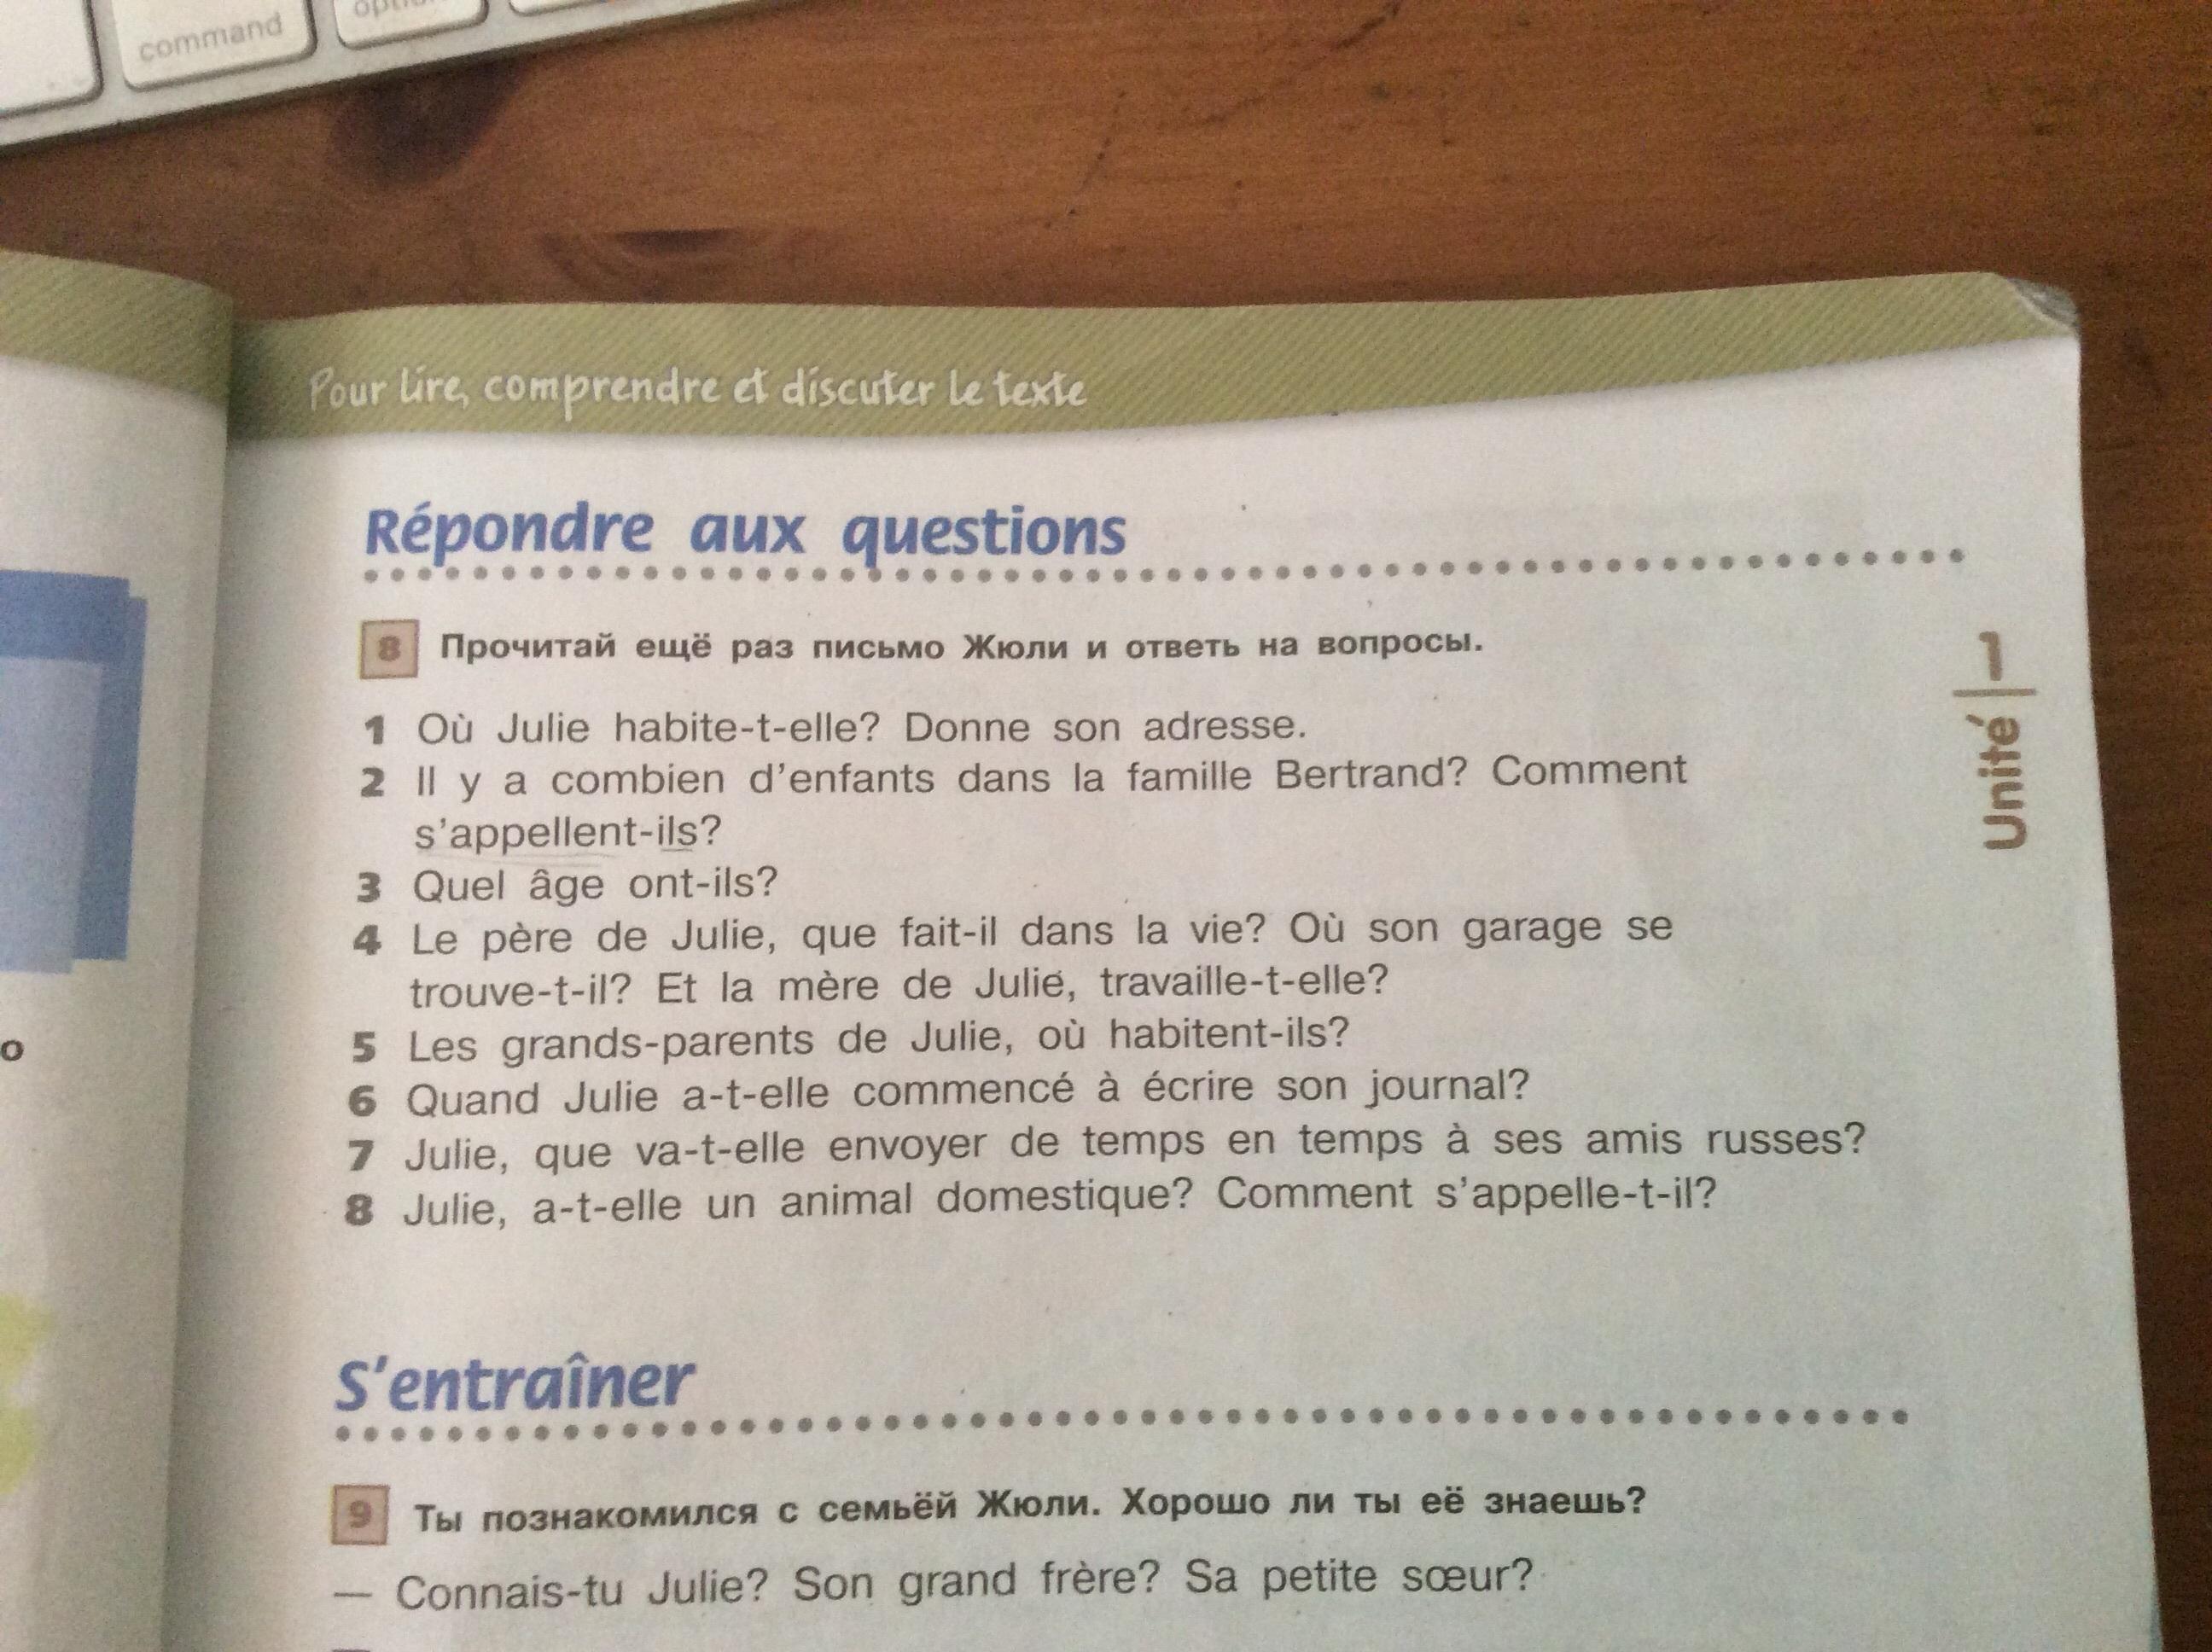 Помогите с французским пожалуйста упражнение 8